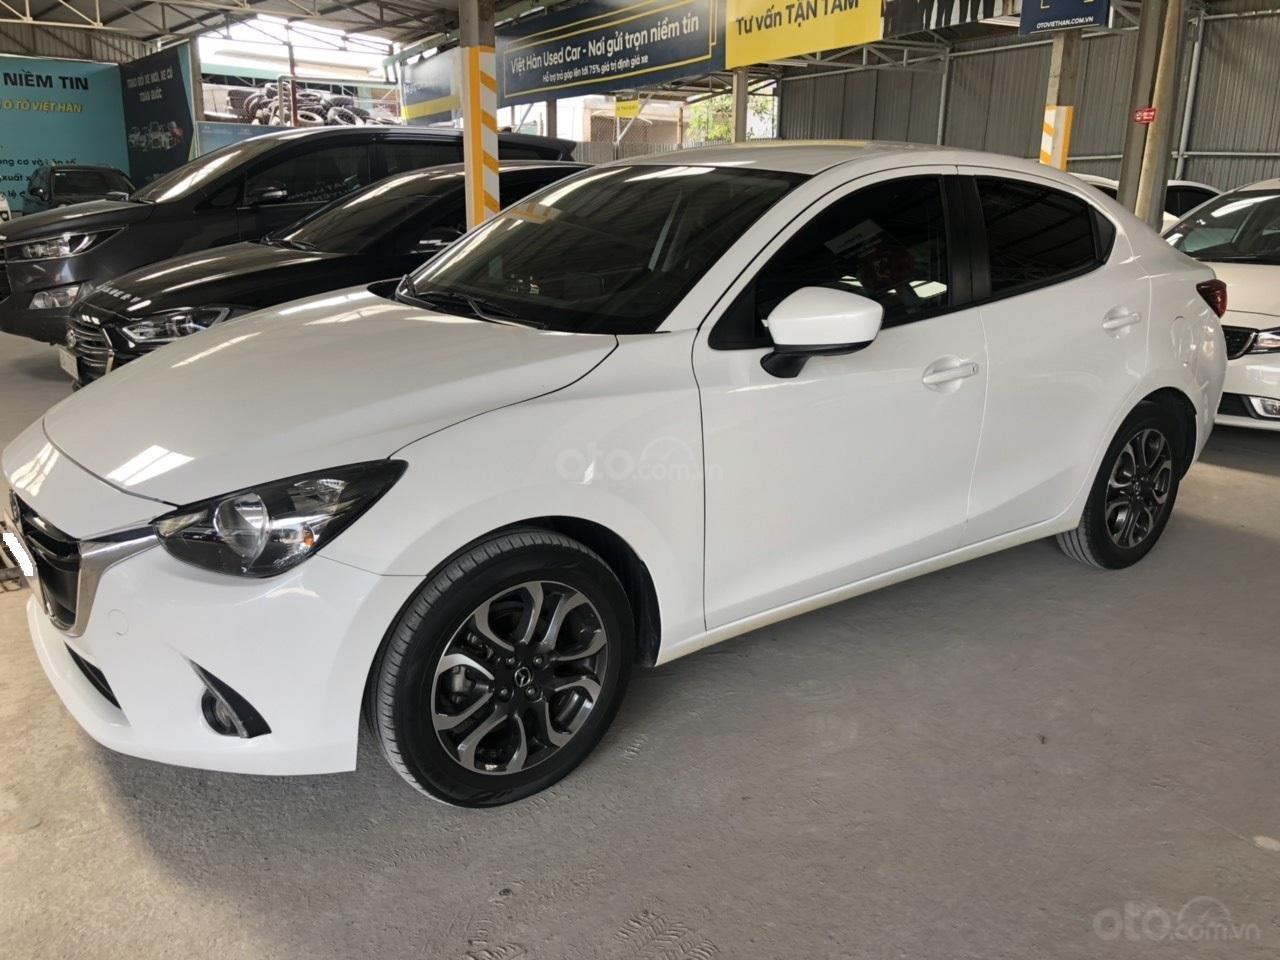 Bán Mazda 2 sản xuất năm 2017, màu trắng, số tự động, xe bao đẹp (2)